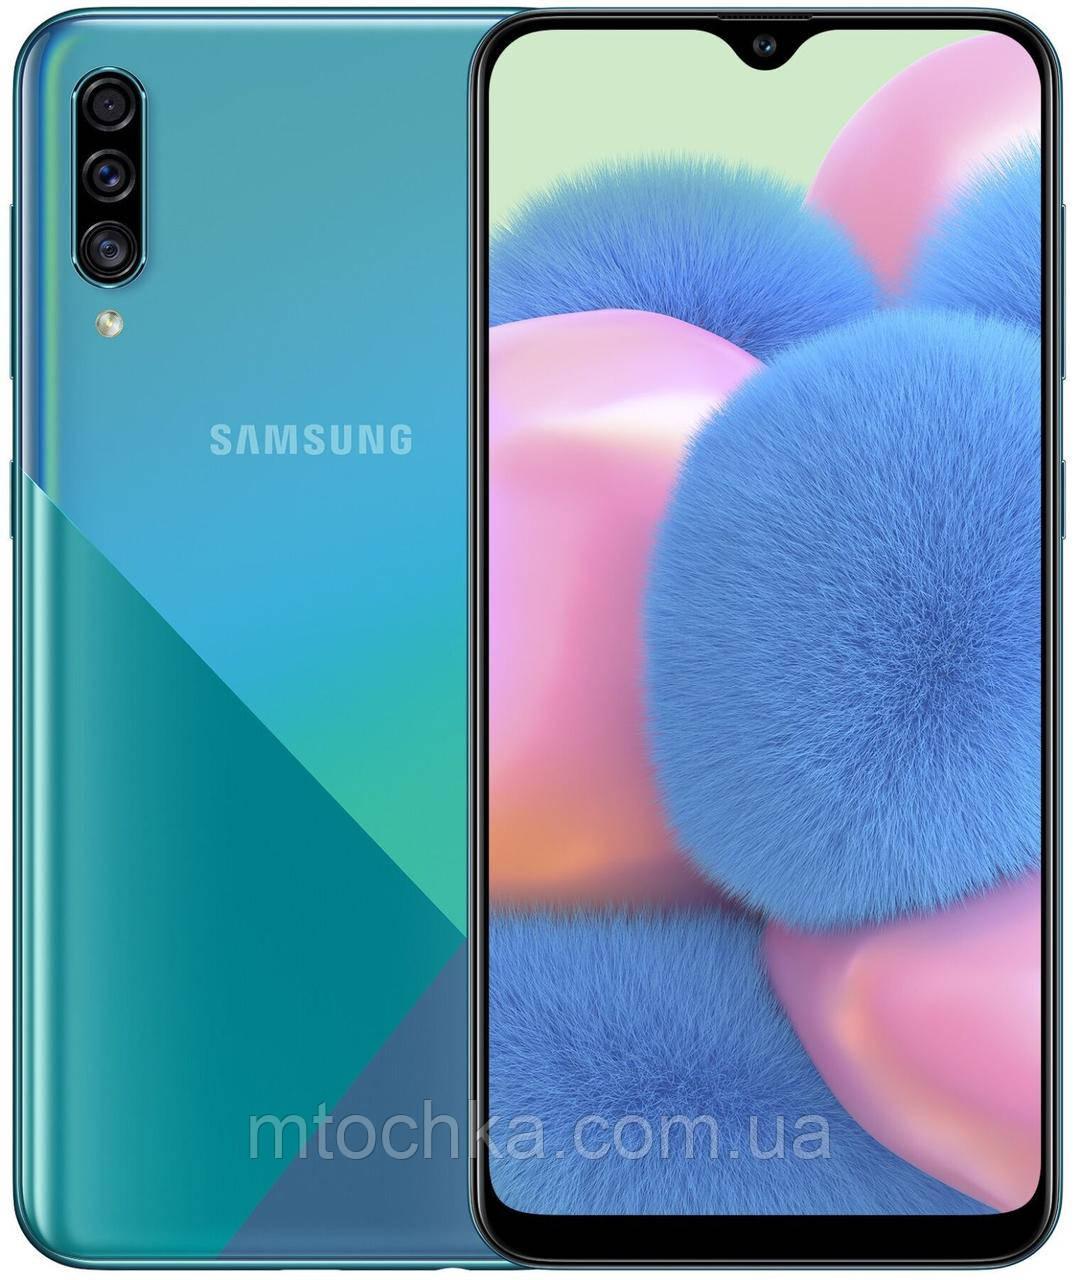 Телефон Samsung SM-A307F Galaxy A30S 2019 3/32GB Duos green